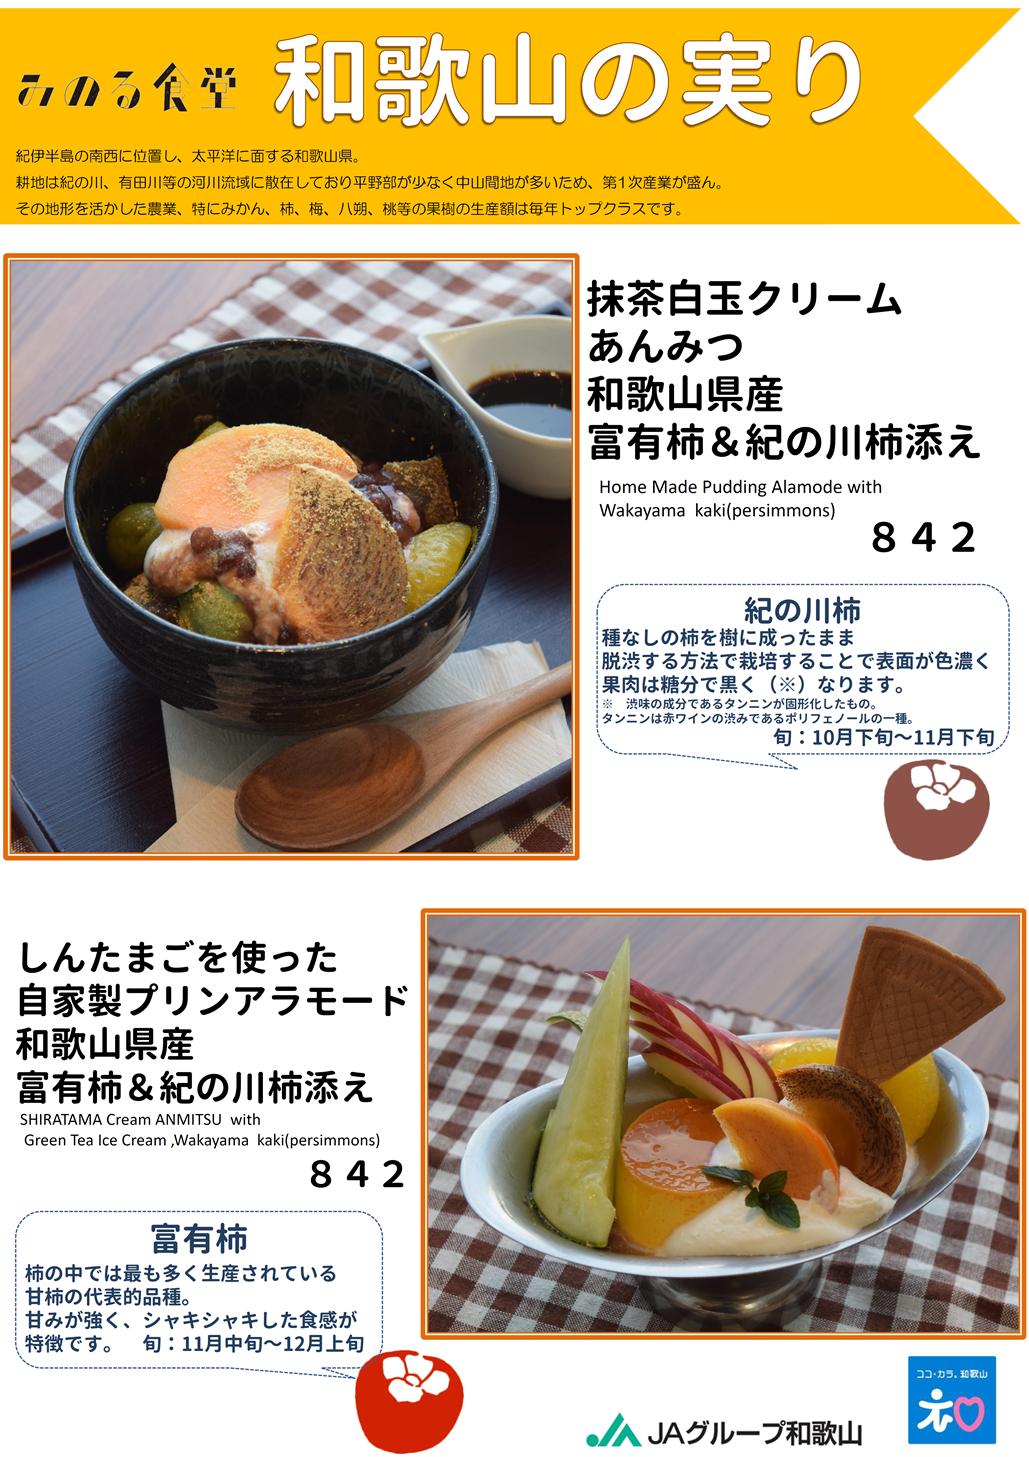 食堂(あんみつ&プリンアラモード)小.png